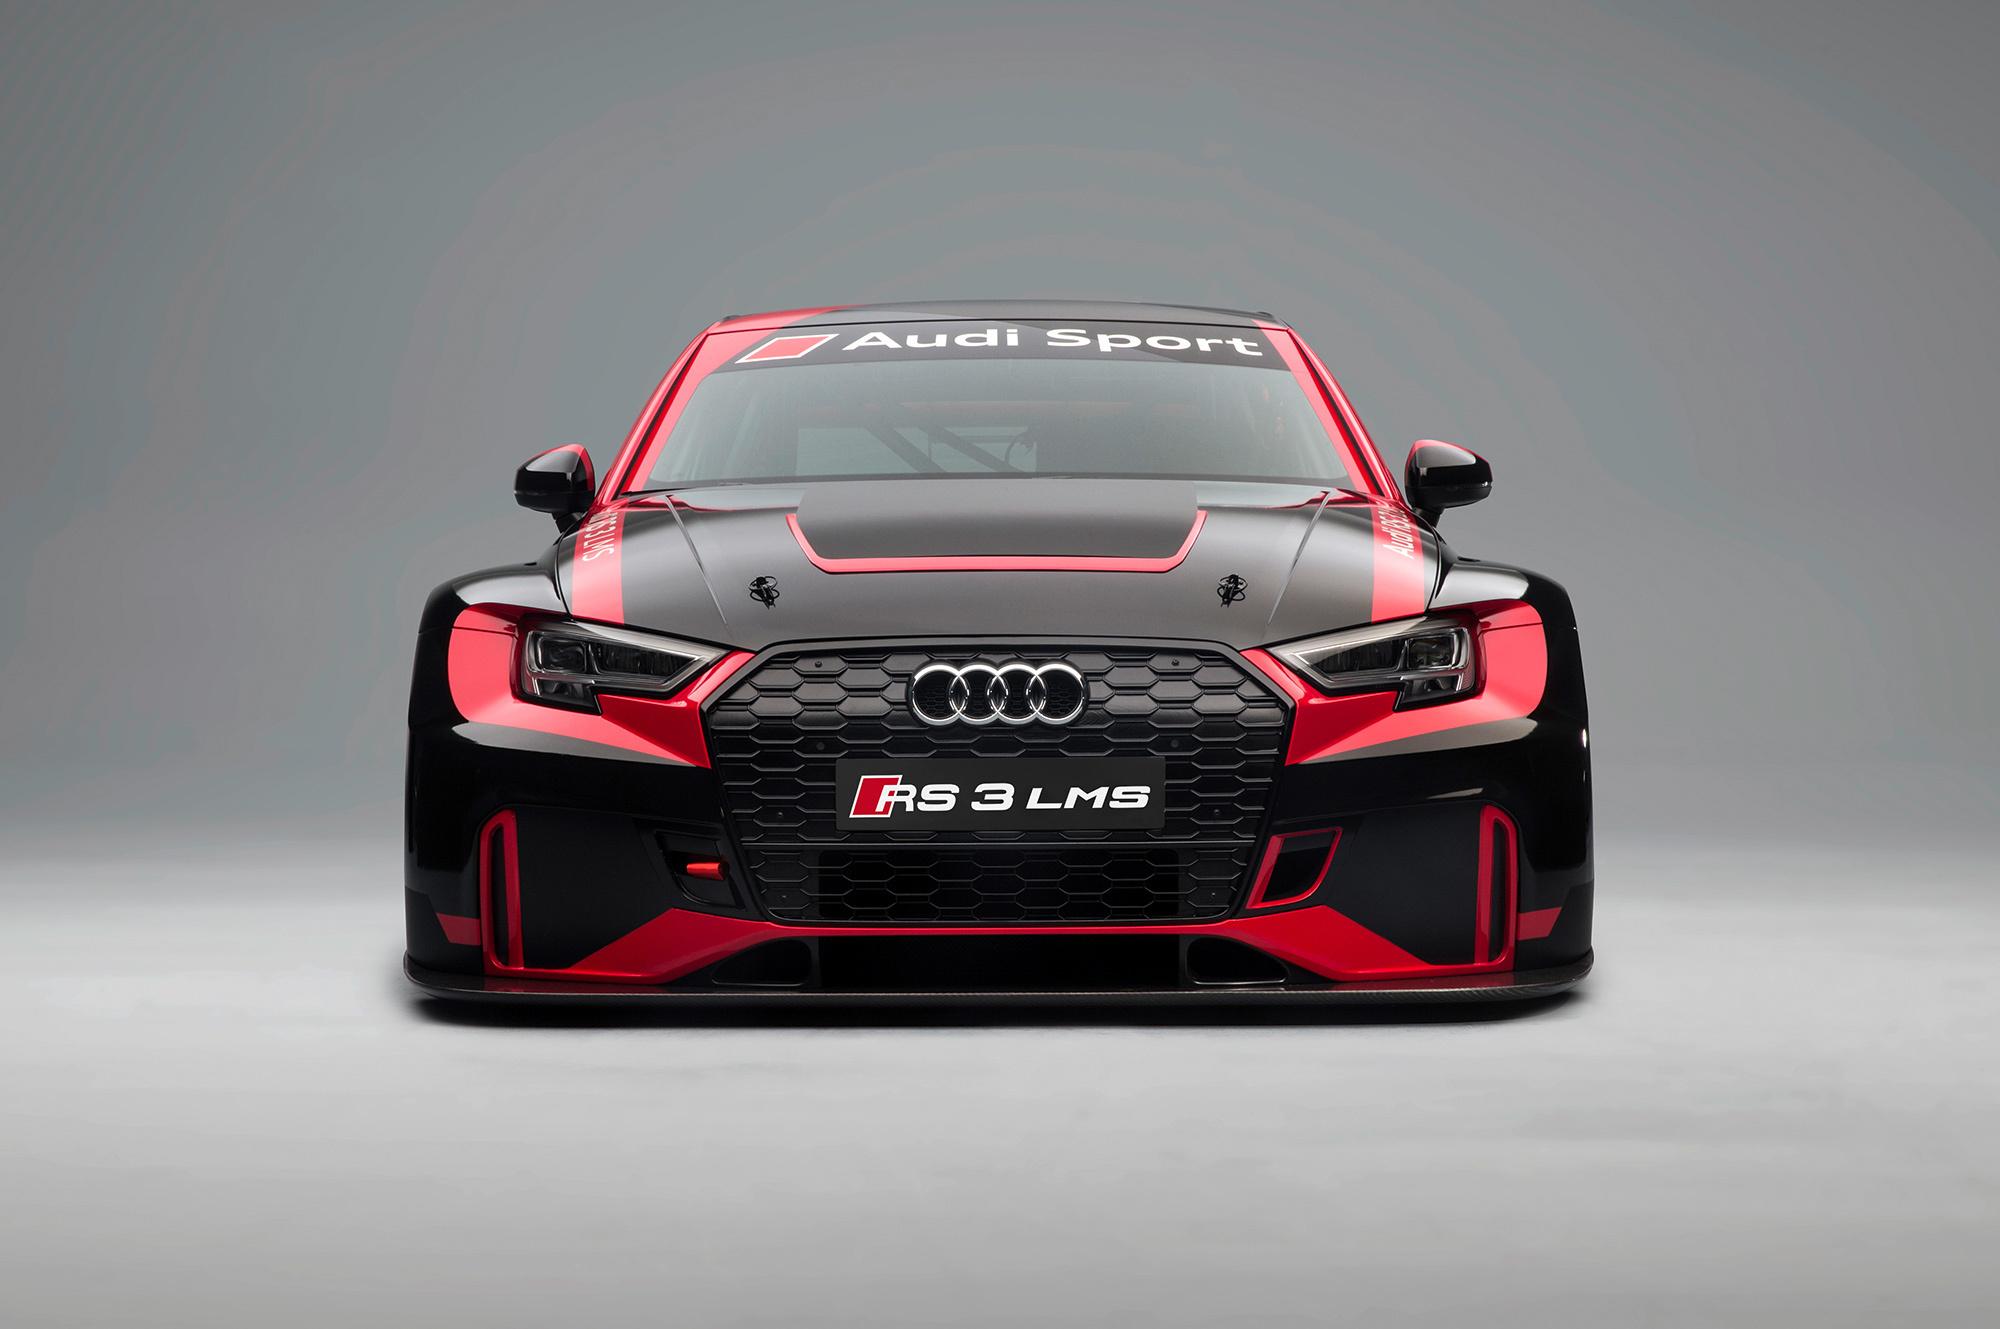 Audi RS 3 For Deskto